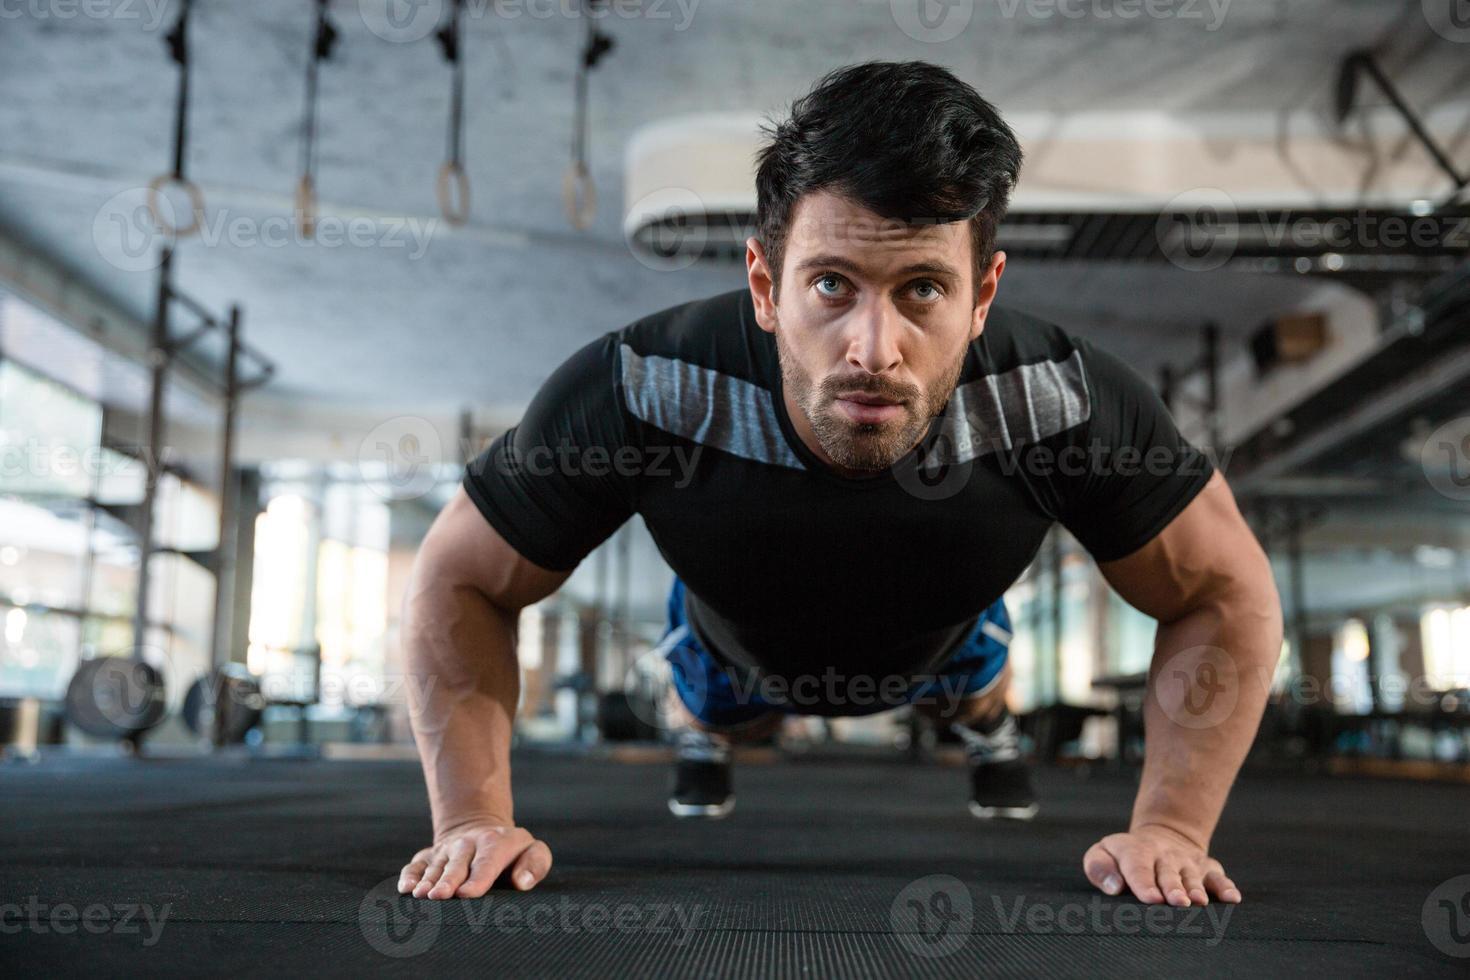 atletismo no treinamento foto